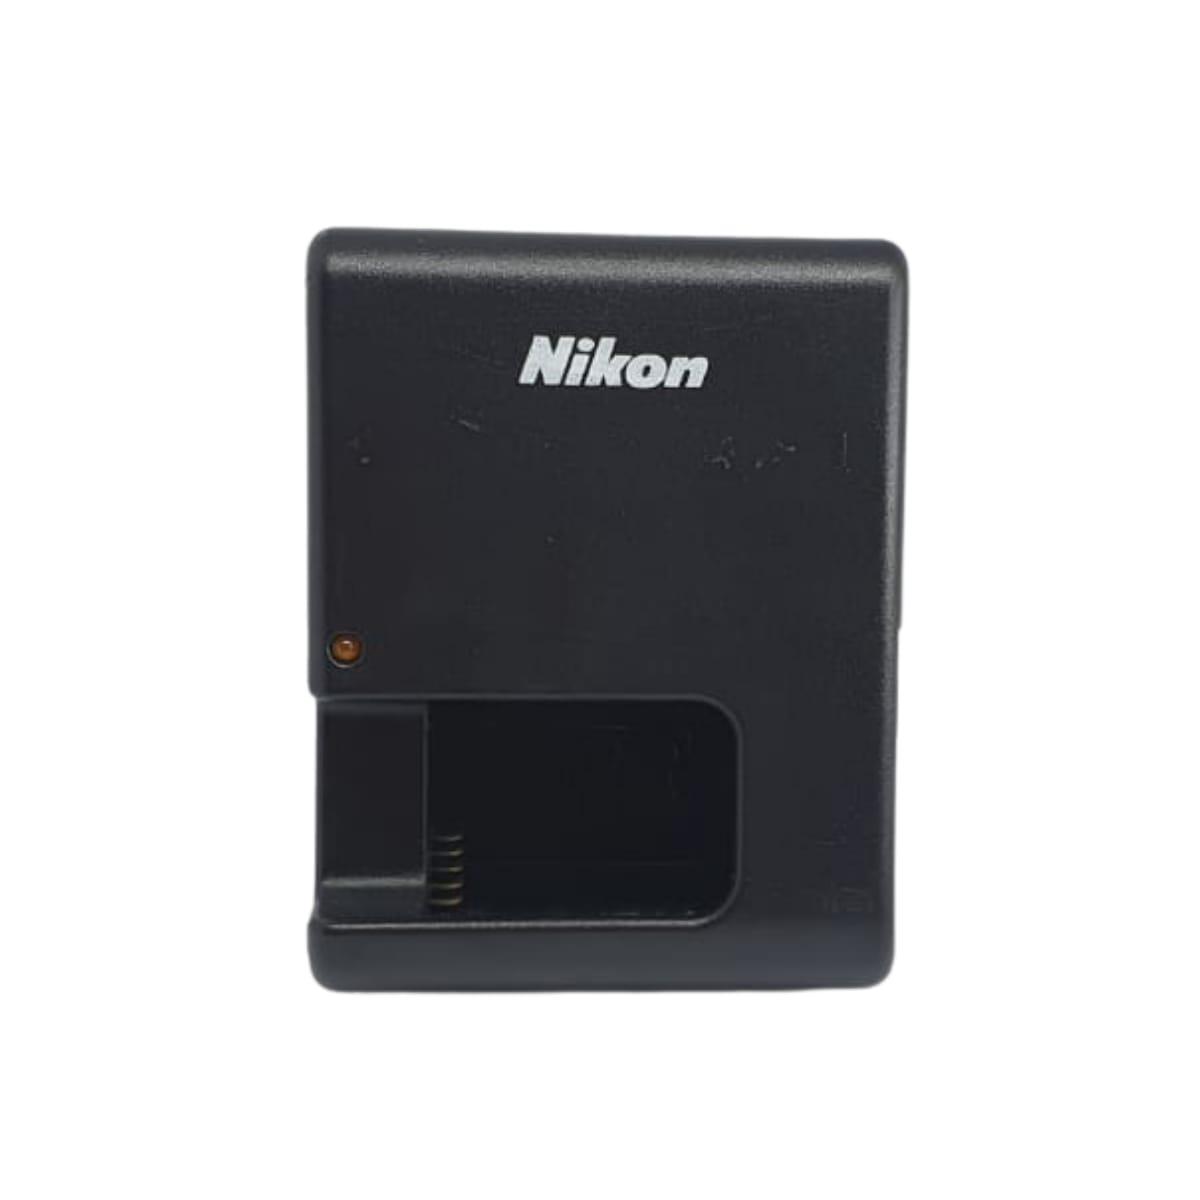 Carregador Nikon Mh-25 Mh25 D7000 D800 D800e